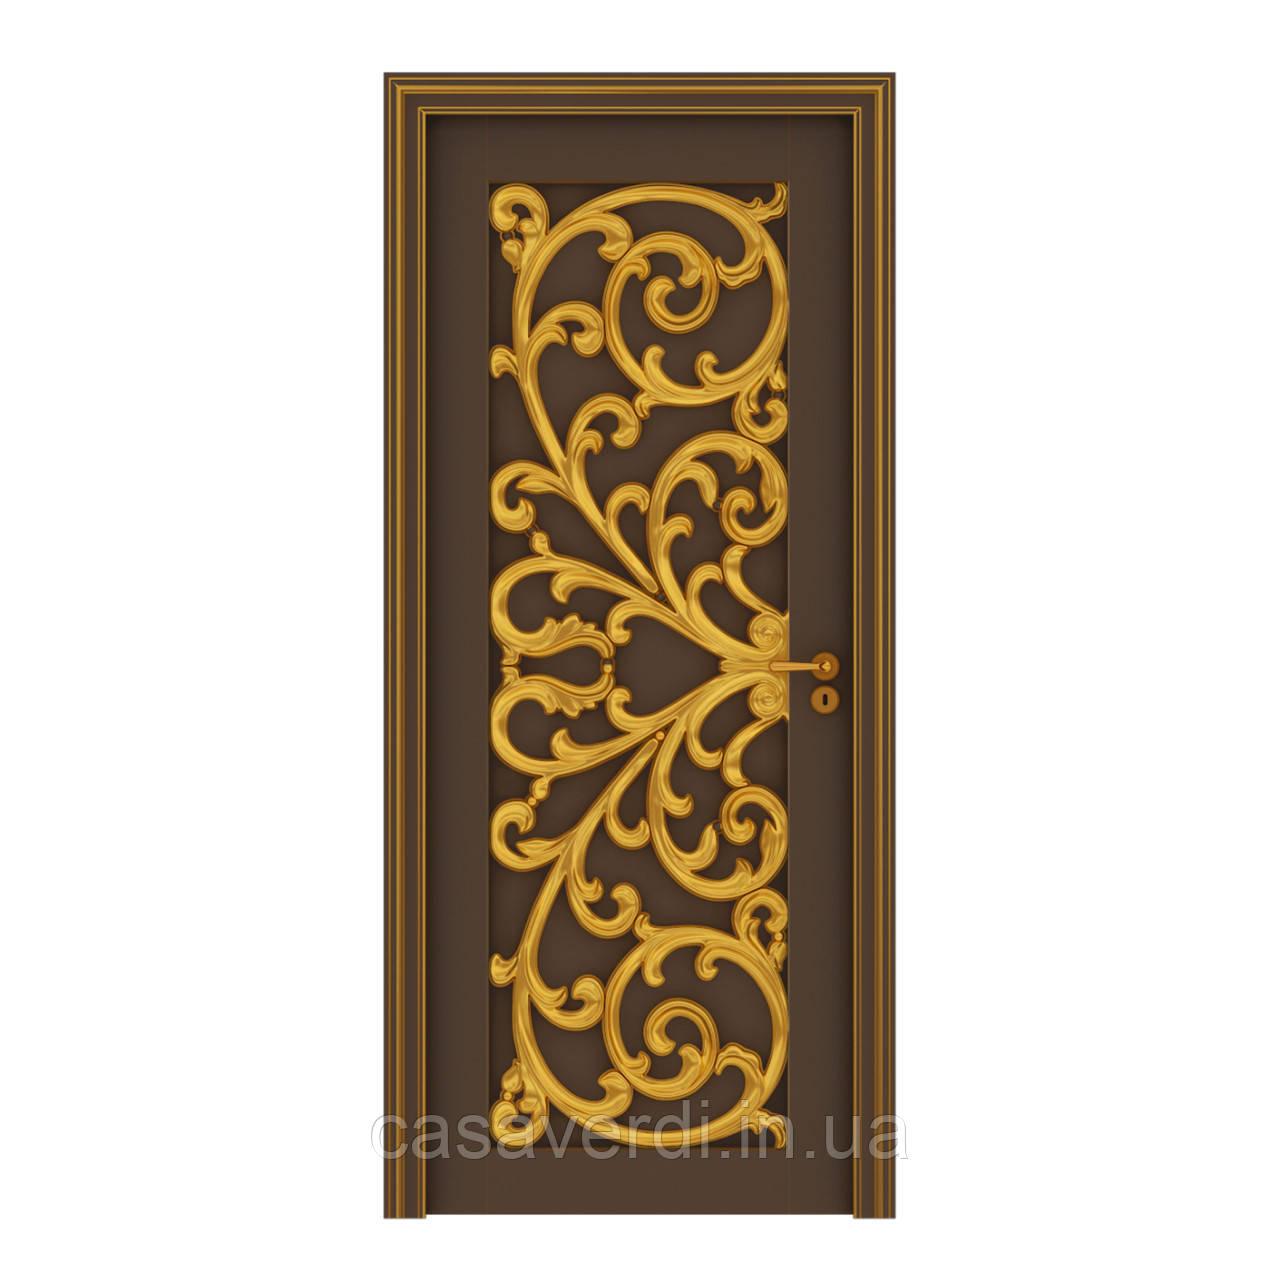 Межкомнатная дверь Casa Verdi Verona 1 из массива ольхи коричневая с золотым декором